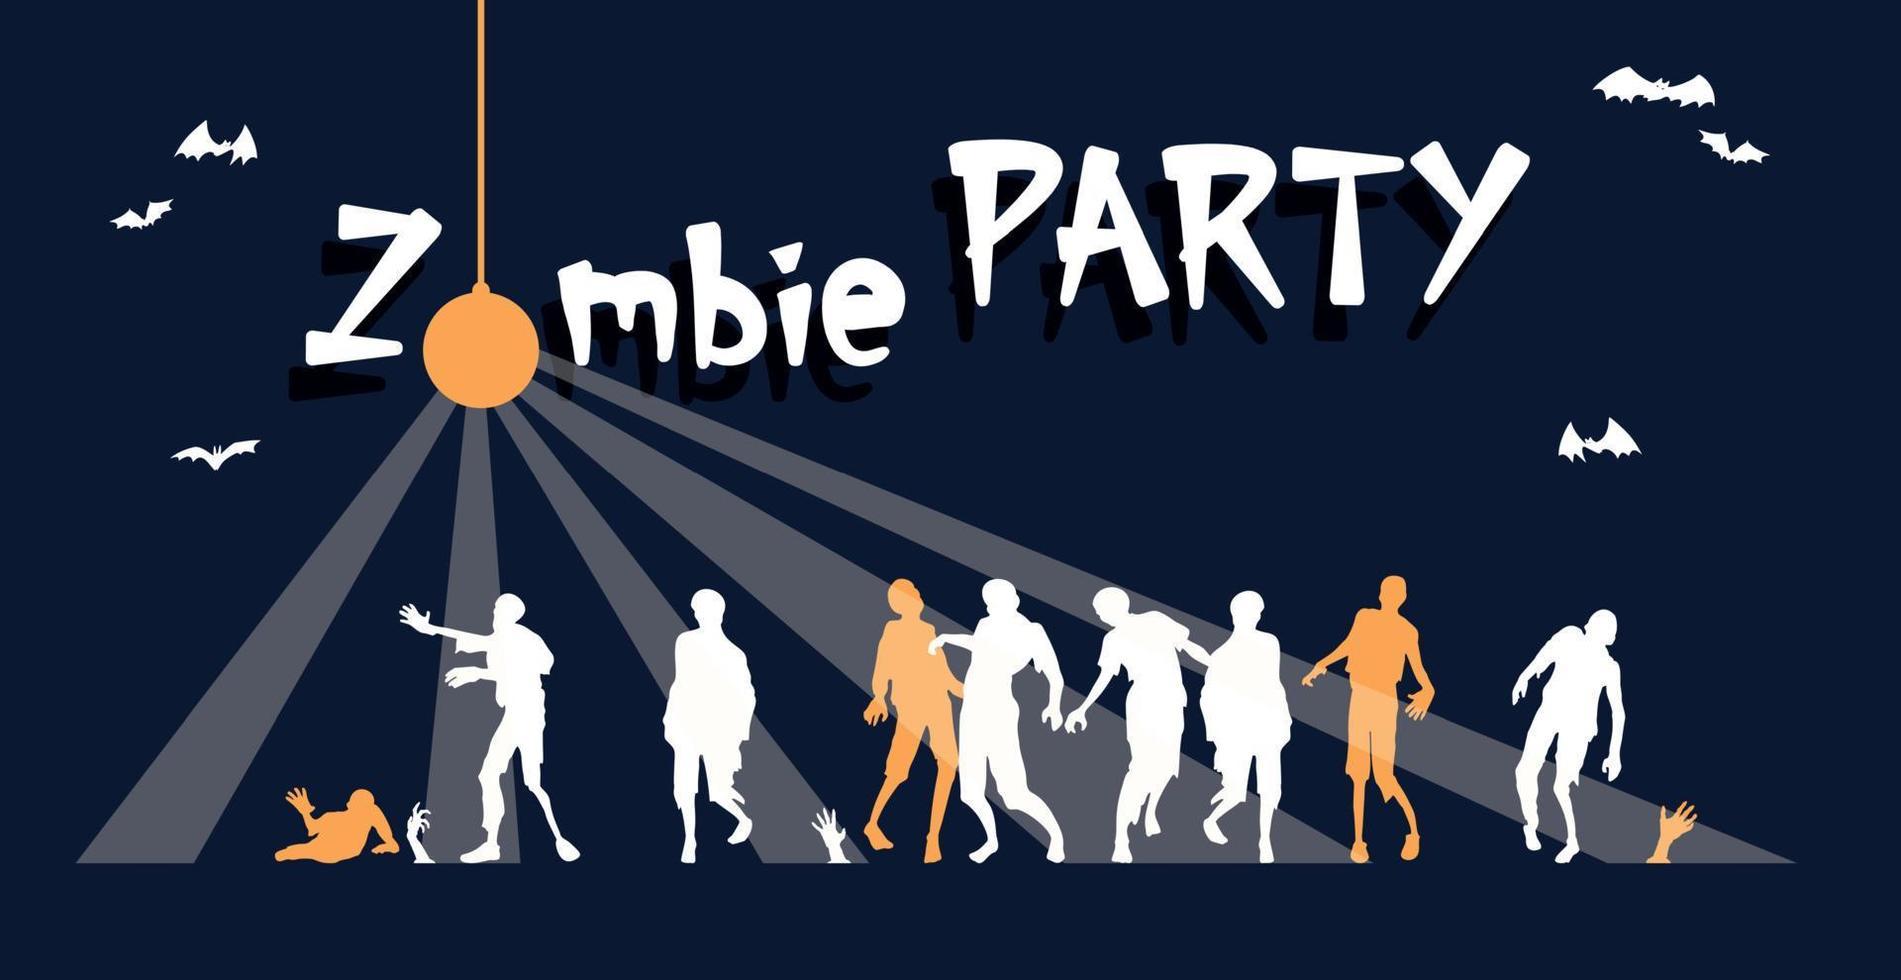 colorido brilhante web banner, parabéns pelo feriado de halloween vetor